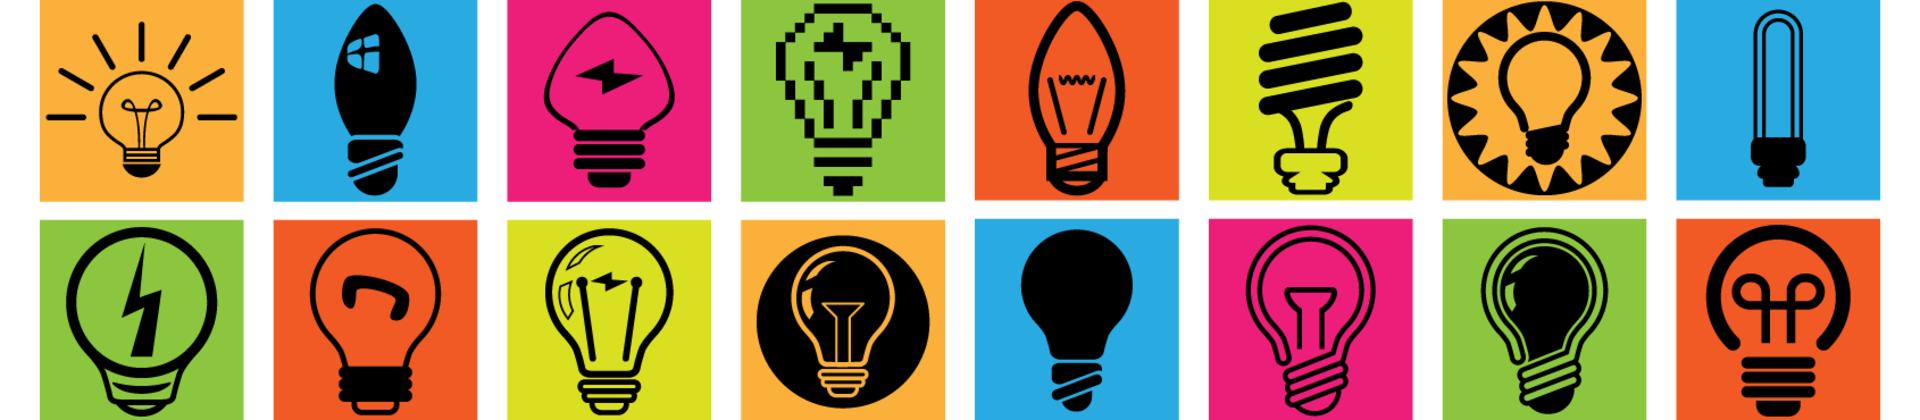 #<School:0x007fc261a363a0>-Criatividade para Inovar